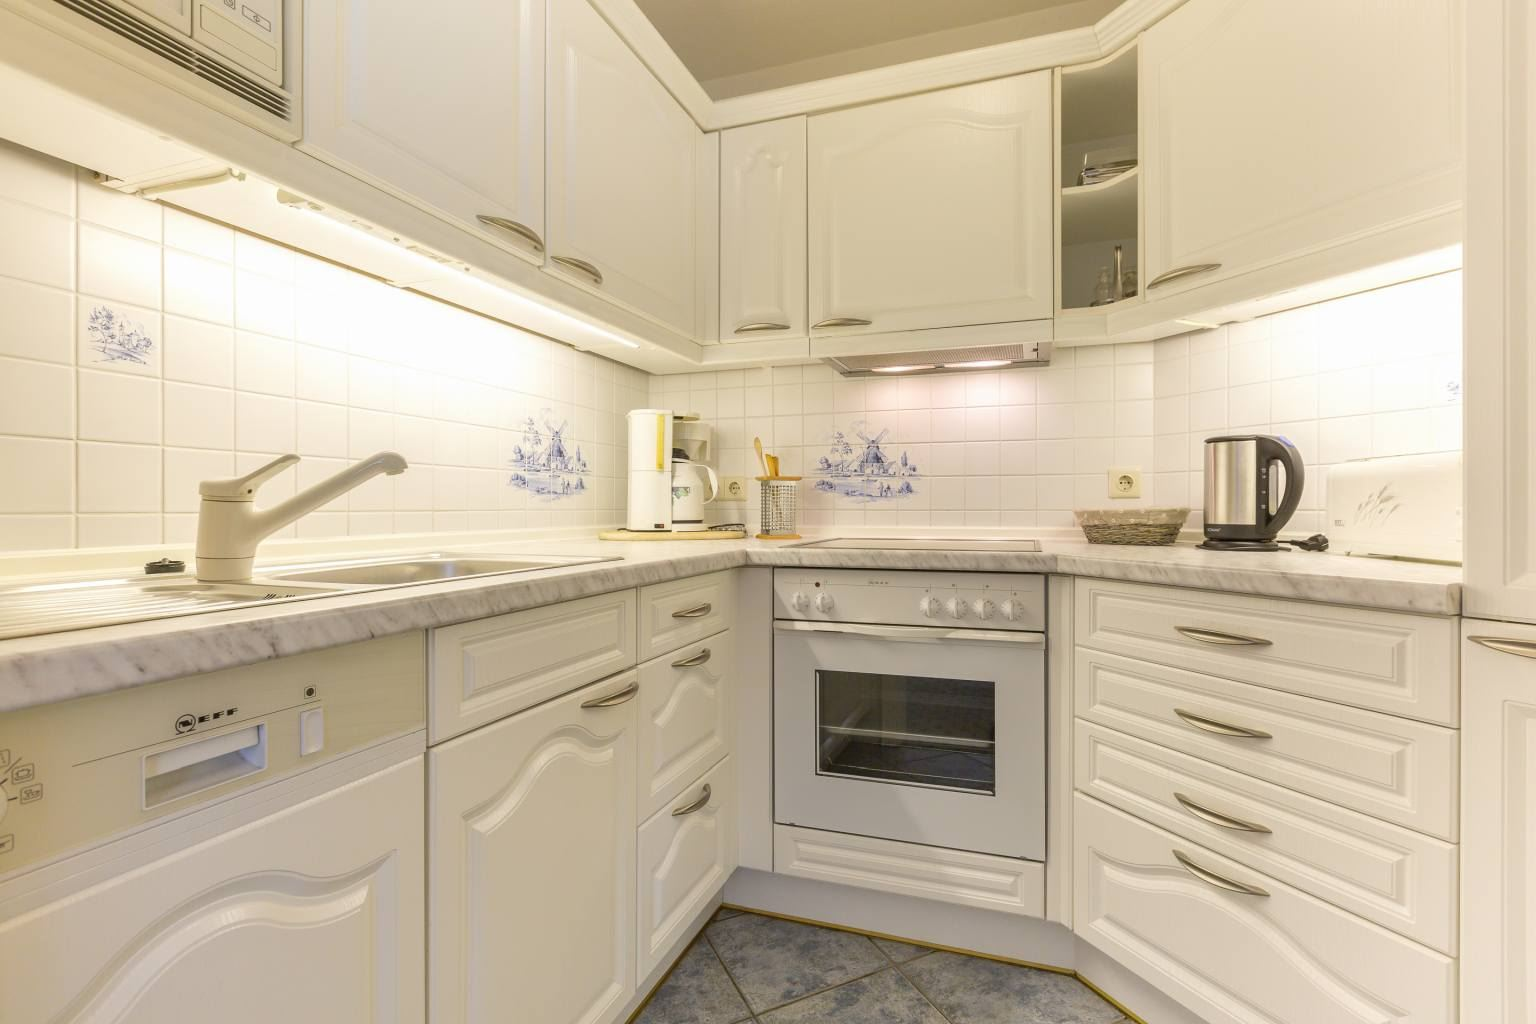 Küche - St Peter Ording Bad, Kurparkvilla, Wohnung 1 Kaminsuite